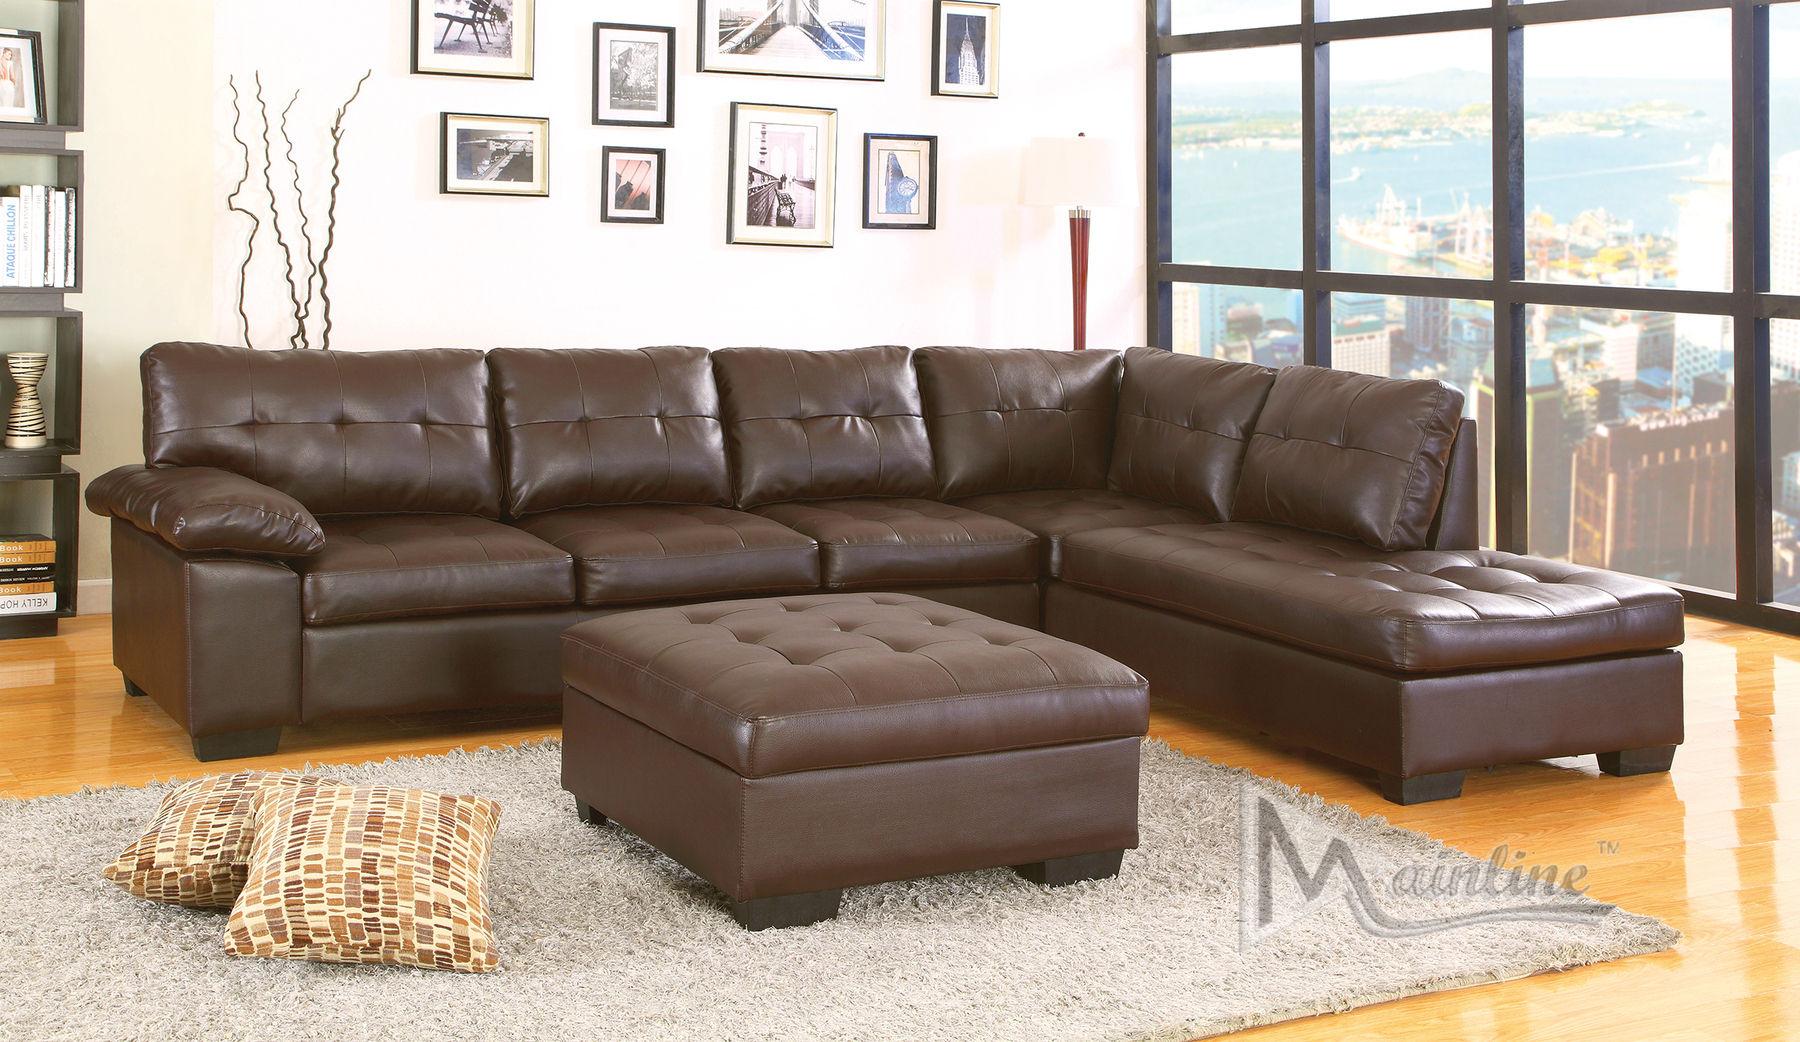 Contemporary White Bonded Leather Corner Sectional Sofa Right Soflex Dallas    eBay